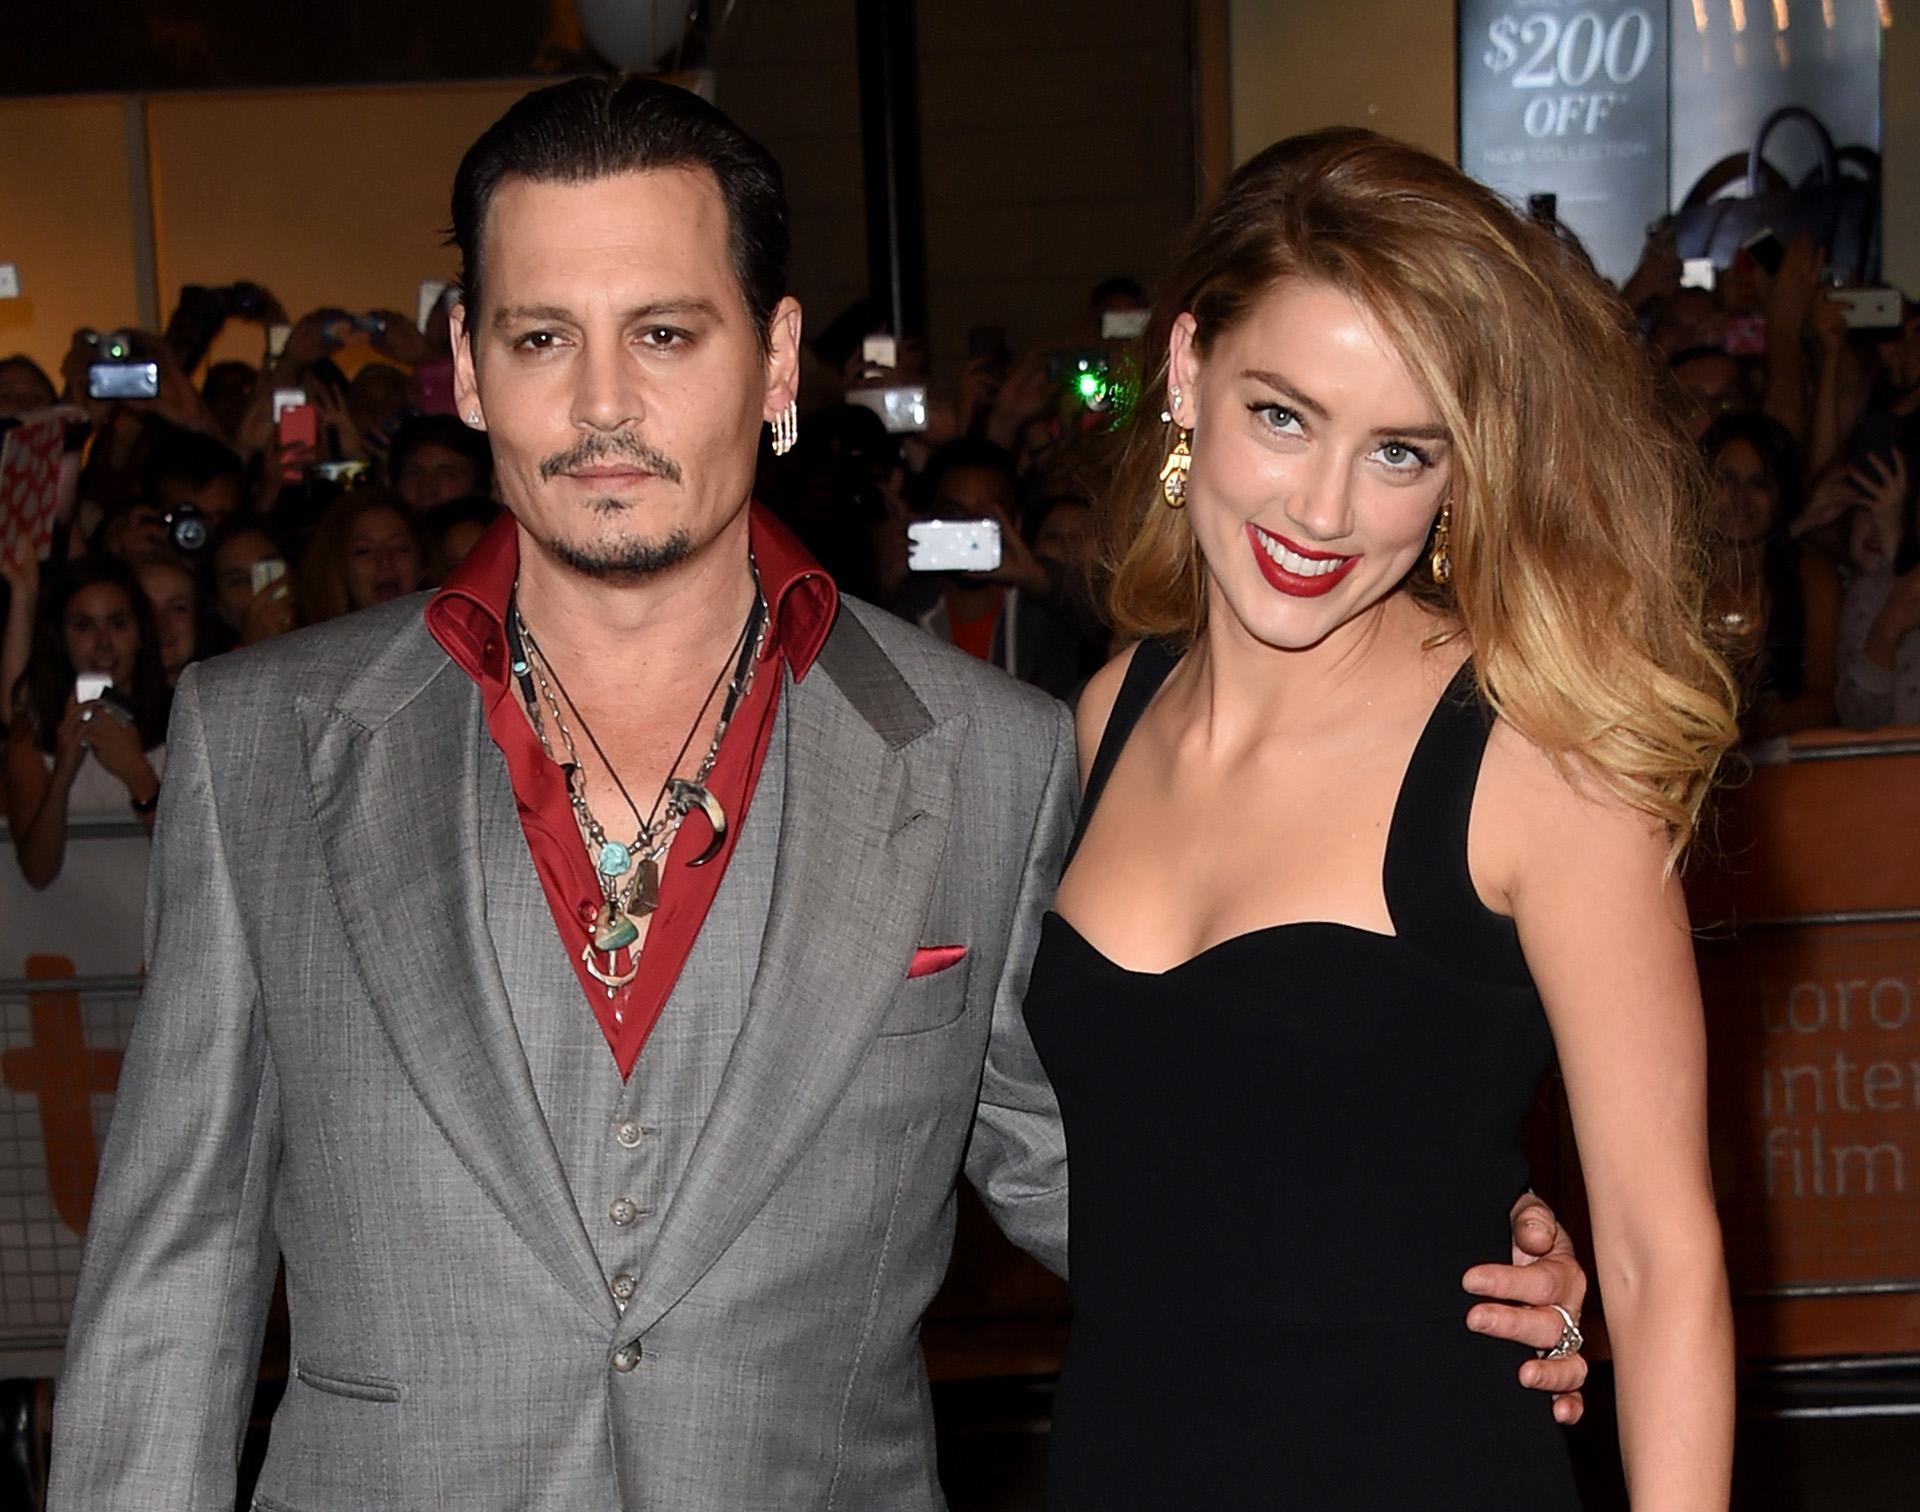 Otra separación explosiva. Amber Heard acusó a Johnny Depp por maltrato y le pidió el divorcios. Dos meses más tarde, la actriz retiró la demanda y recibió USD 8 millones por parte de su ex marido